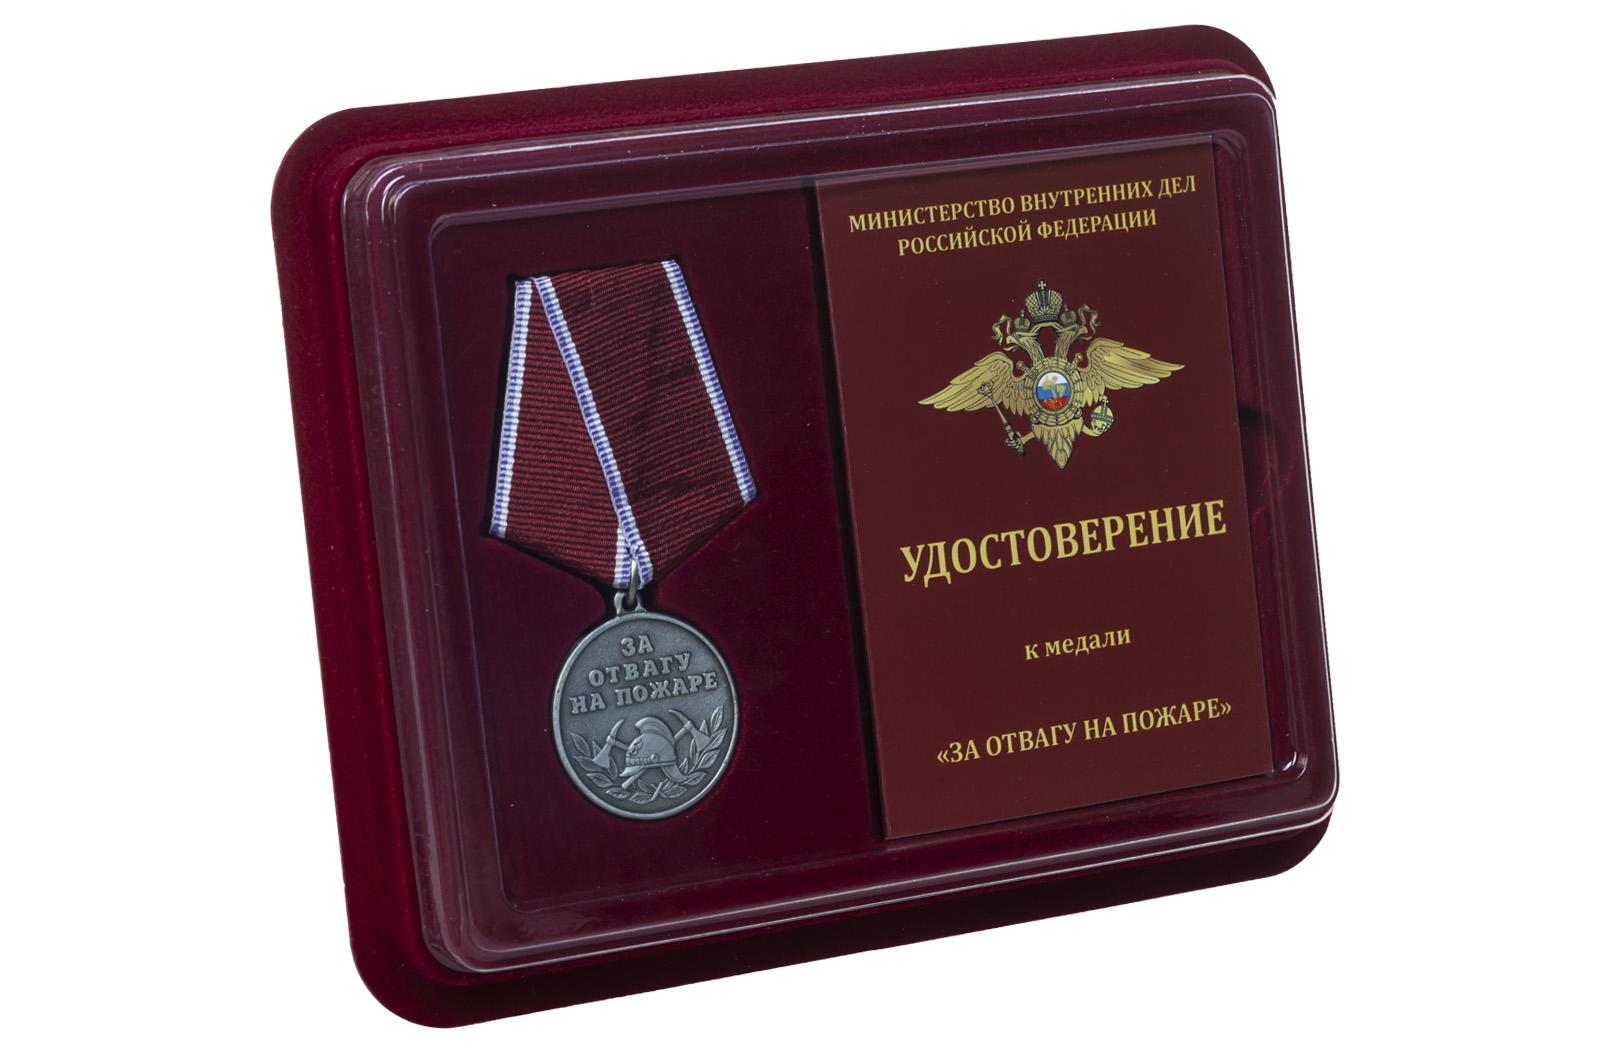 Купить медаль МВД За отвагу на пожаре оптом выгодно